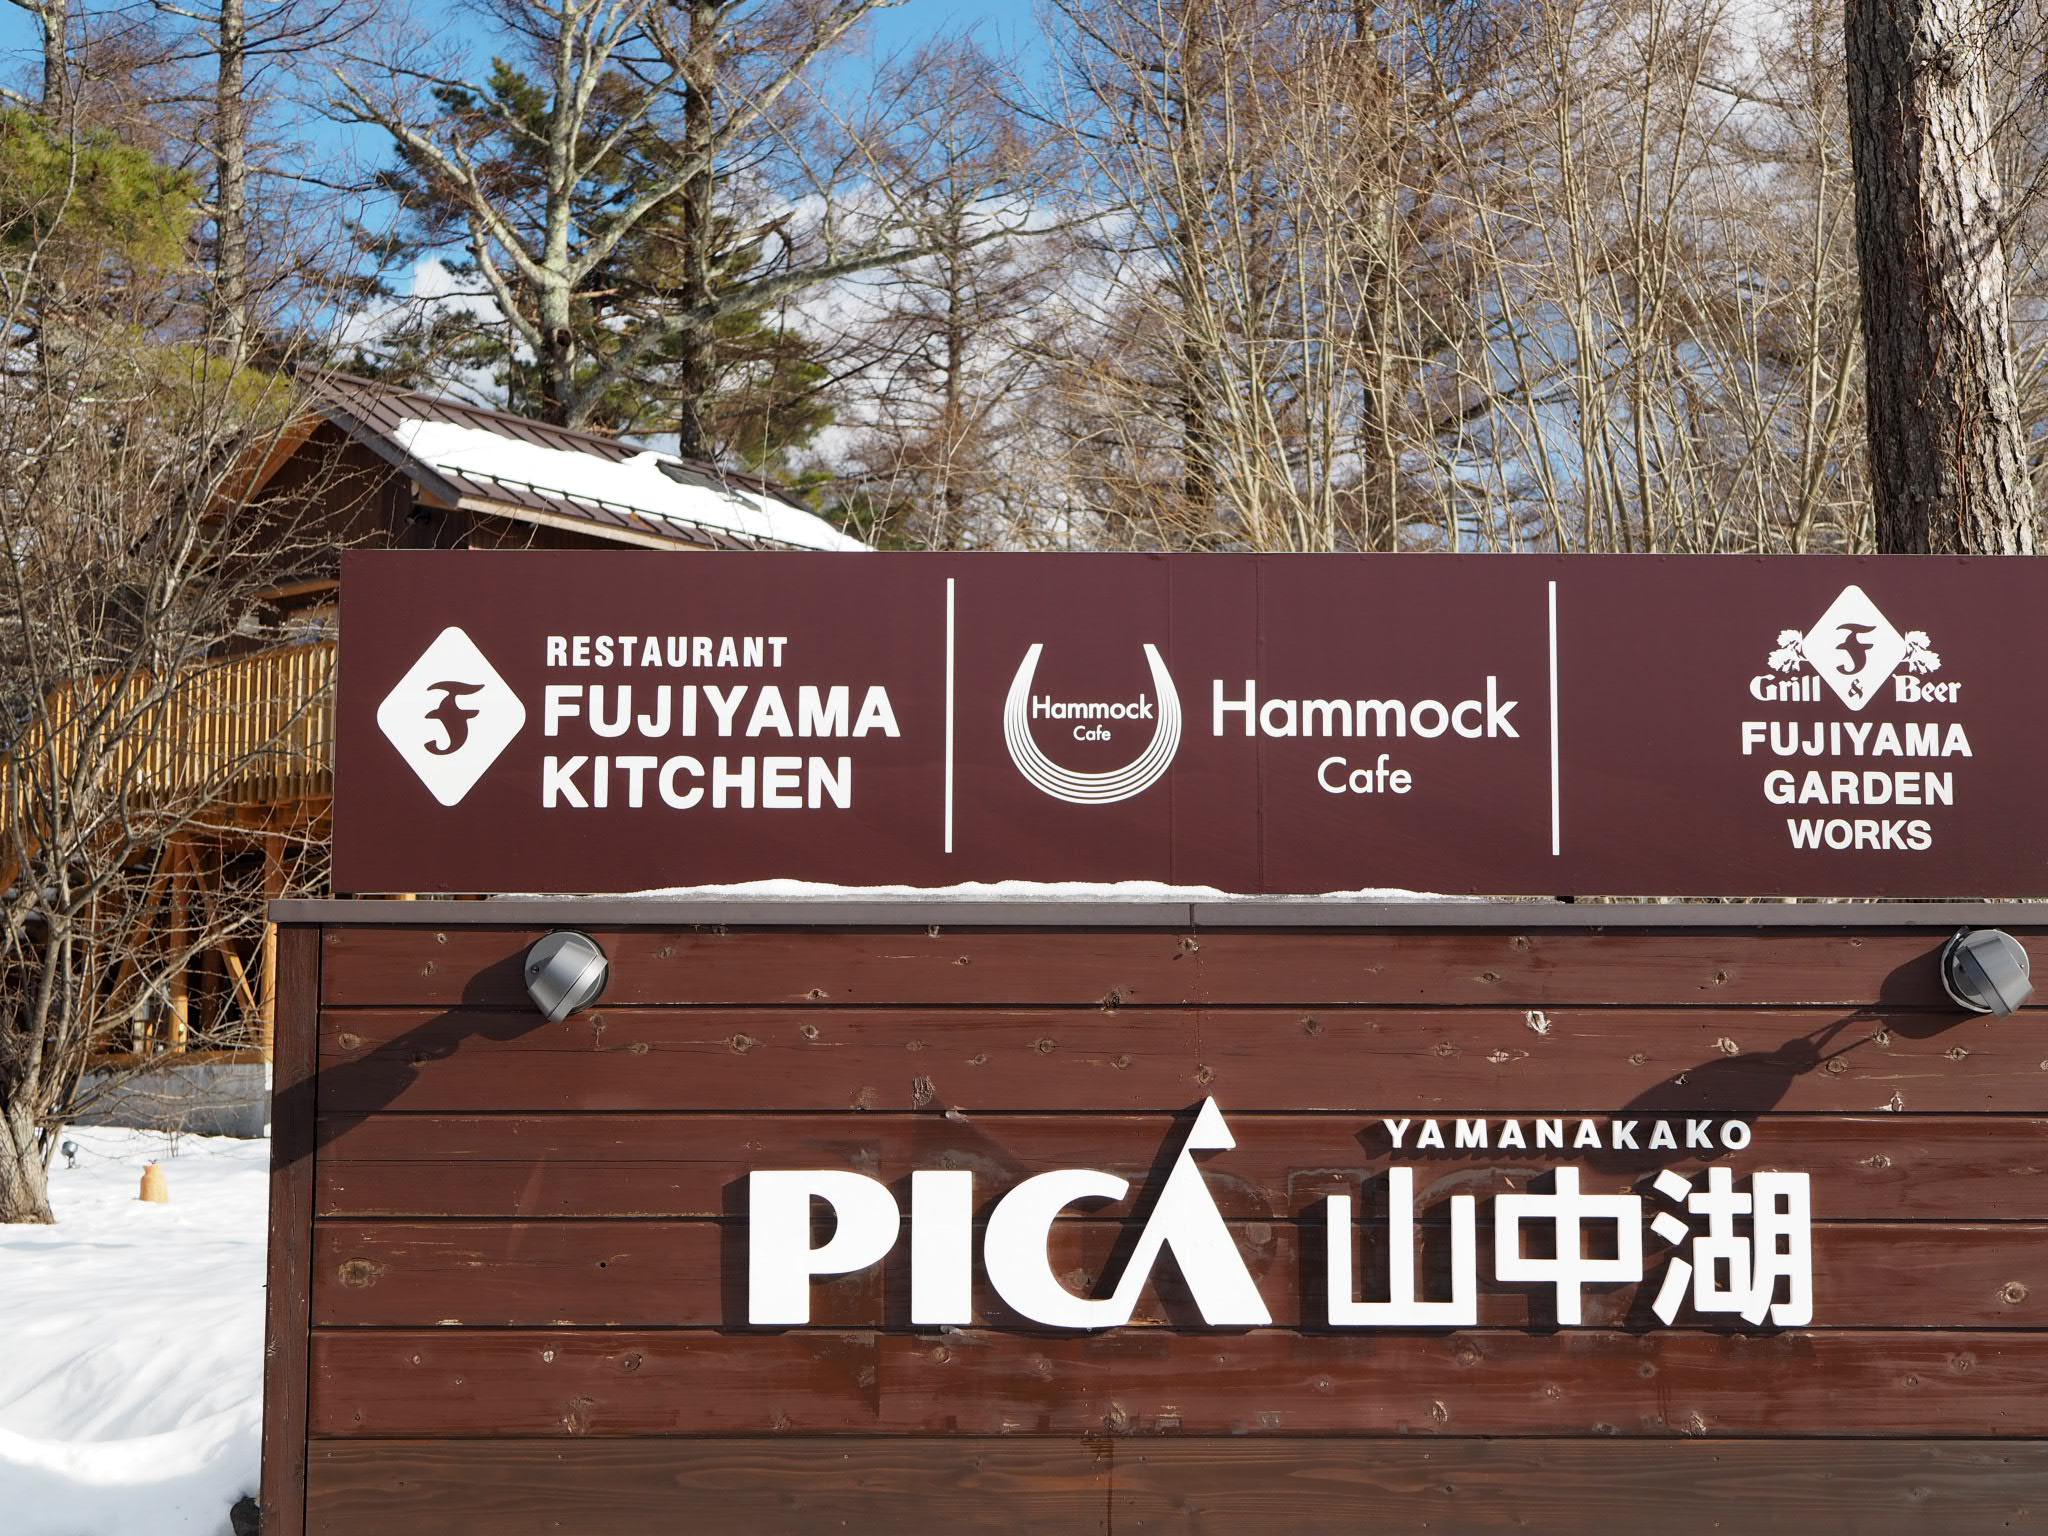 【PICA山中湖】初心者におすすめ!手ぶらでキャンプが楽しめる✌︎PICAリゾート❤︎_21